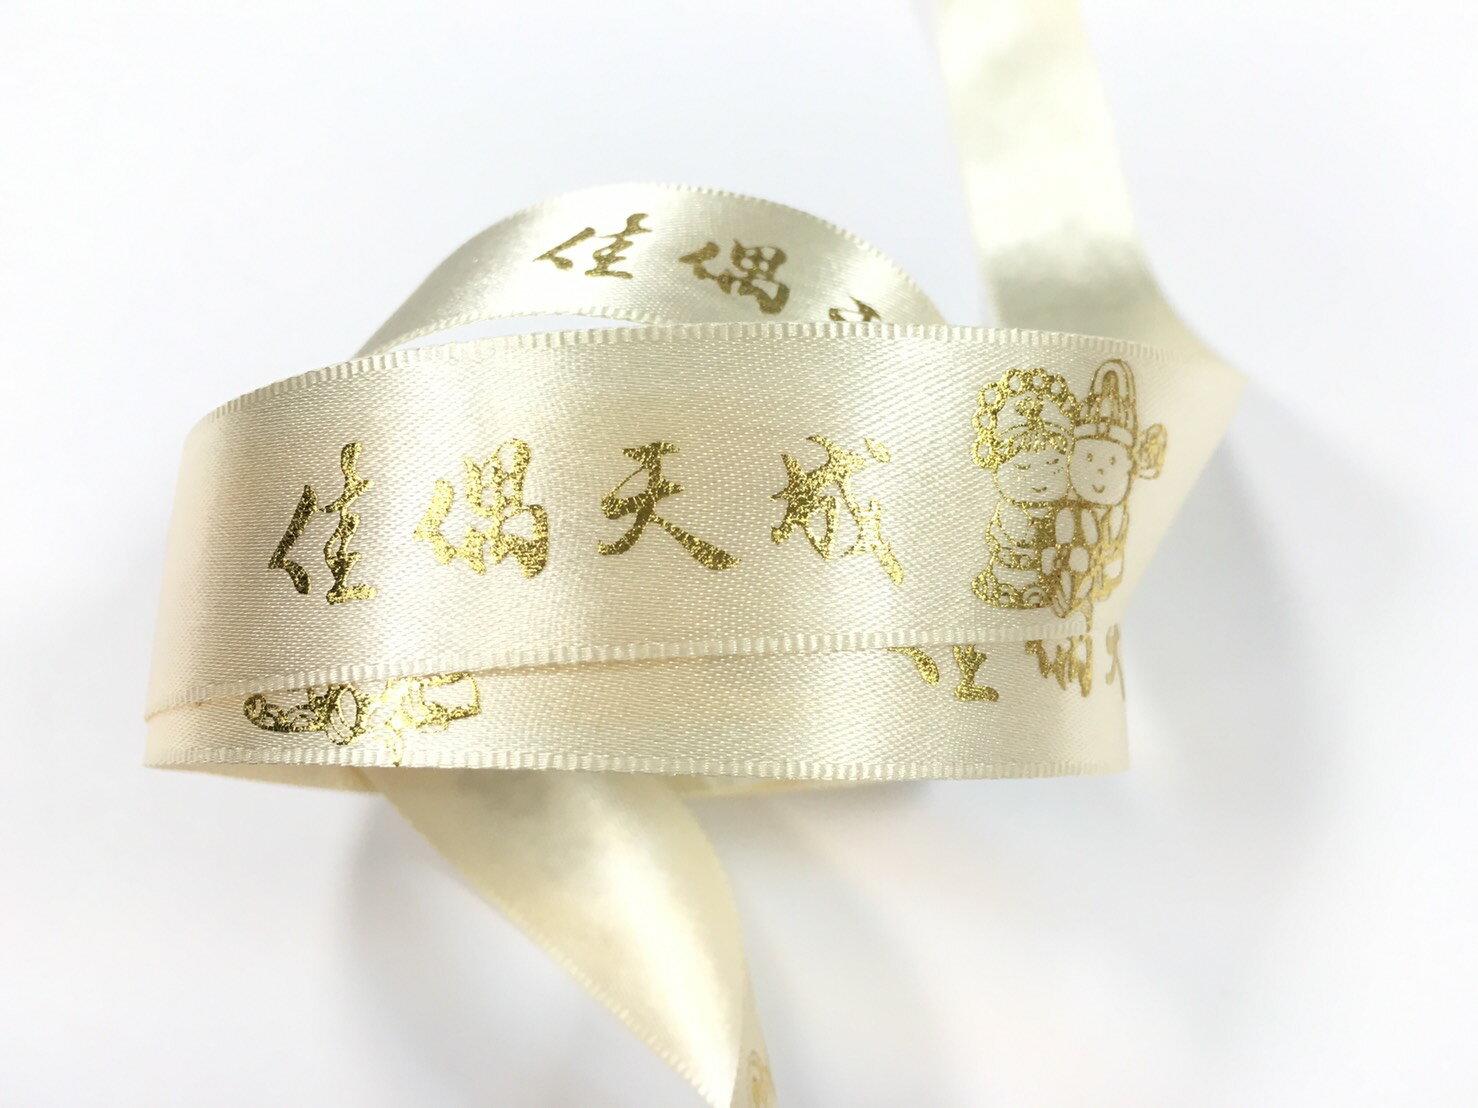 雙緞面婚禮緞帶-燙金佳偶天成 22mm 3碼裝(6色) 3